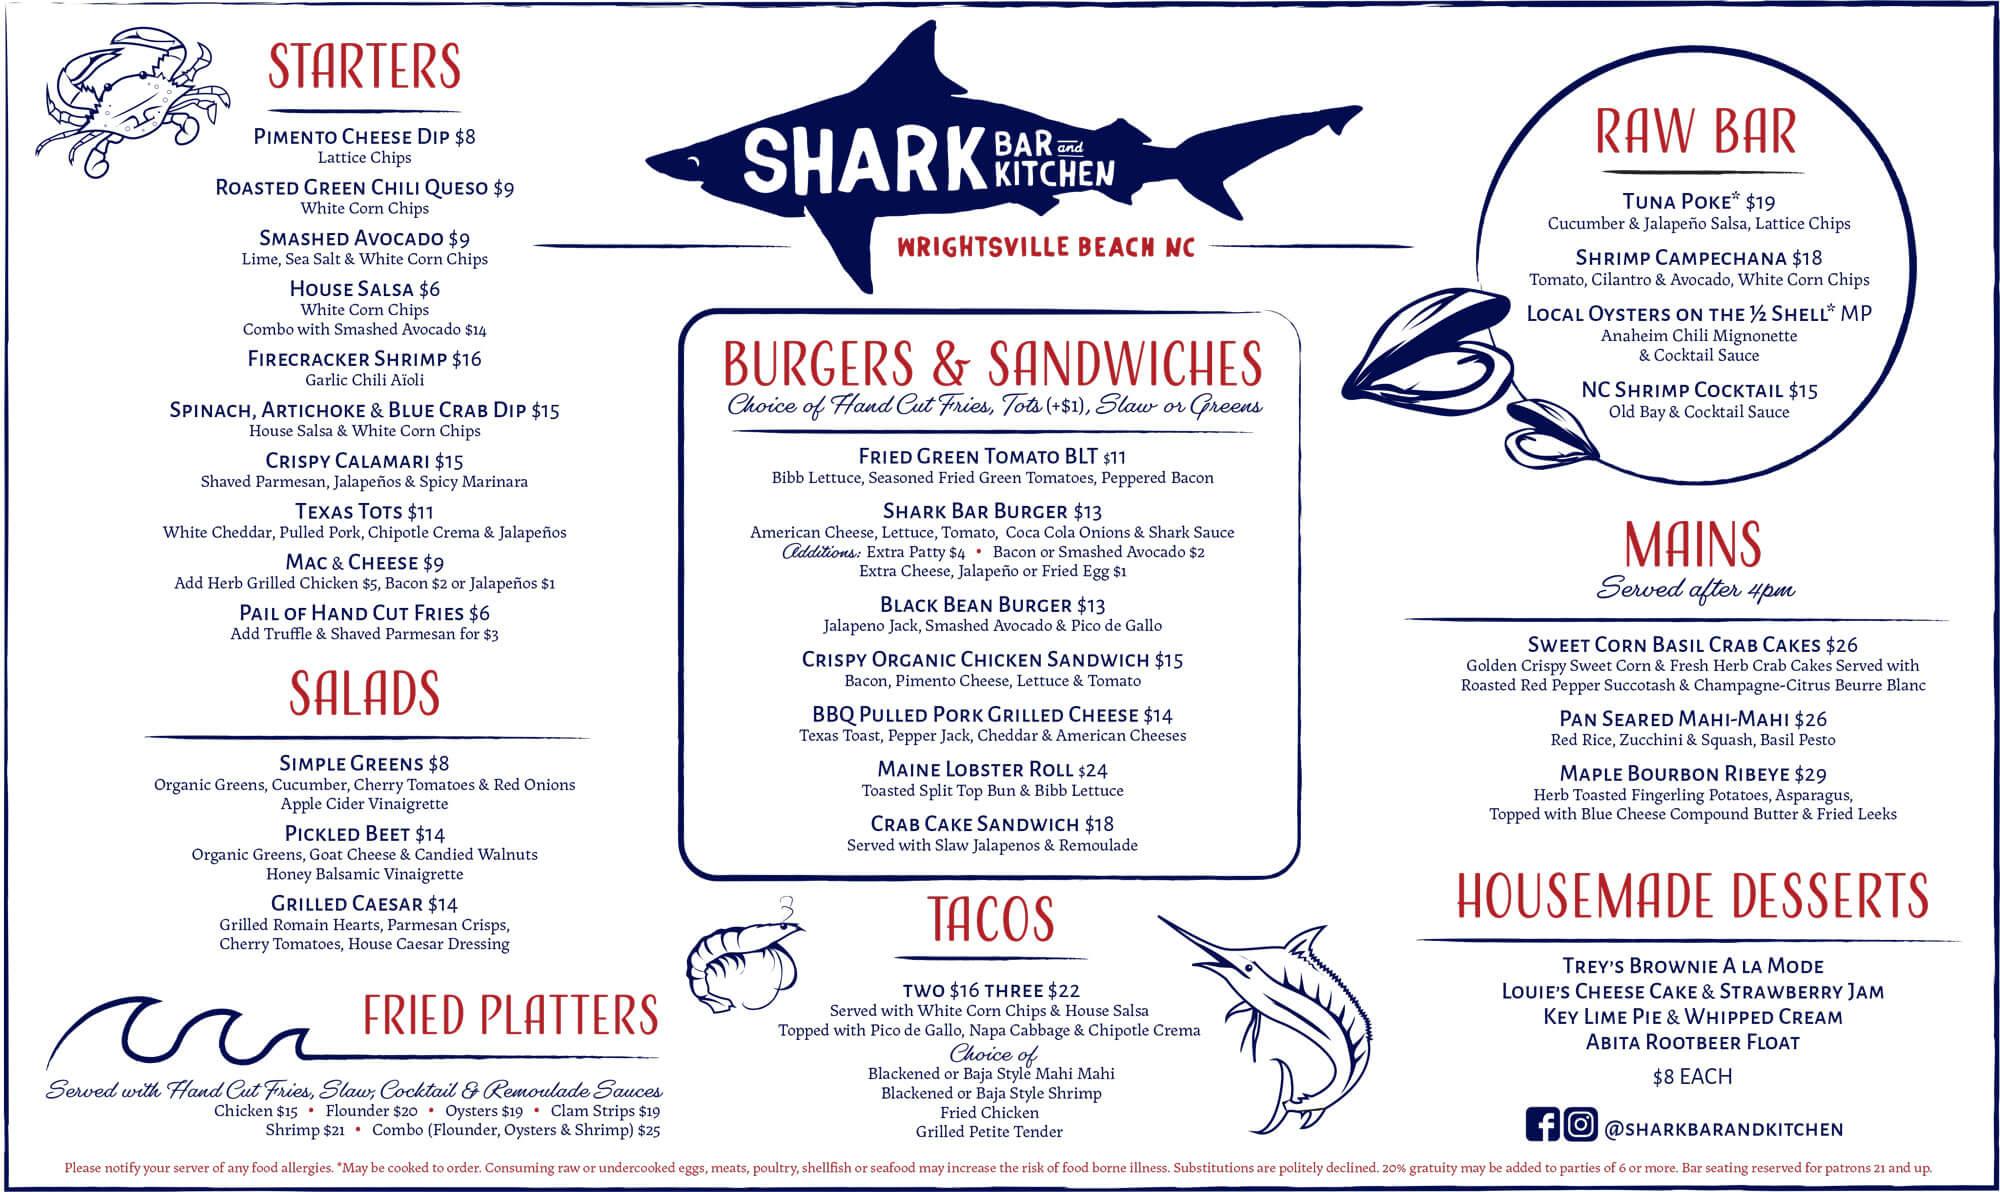 Shark Bar Fall Menu